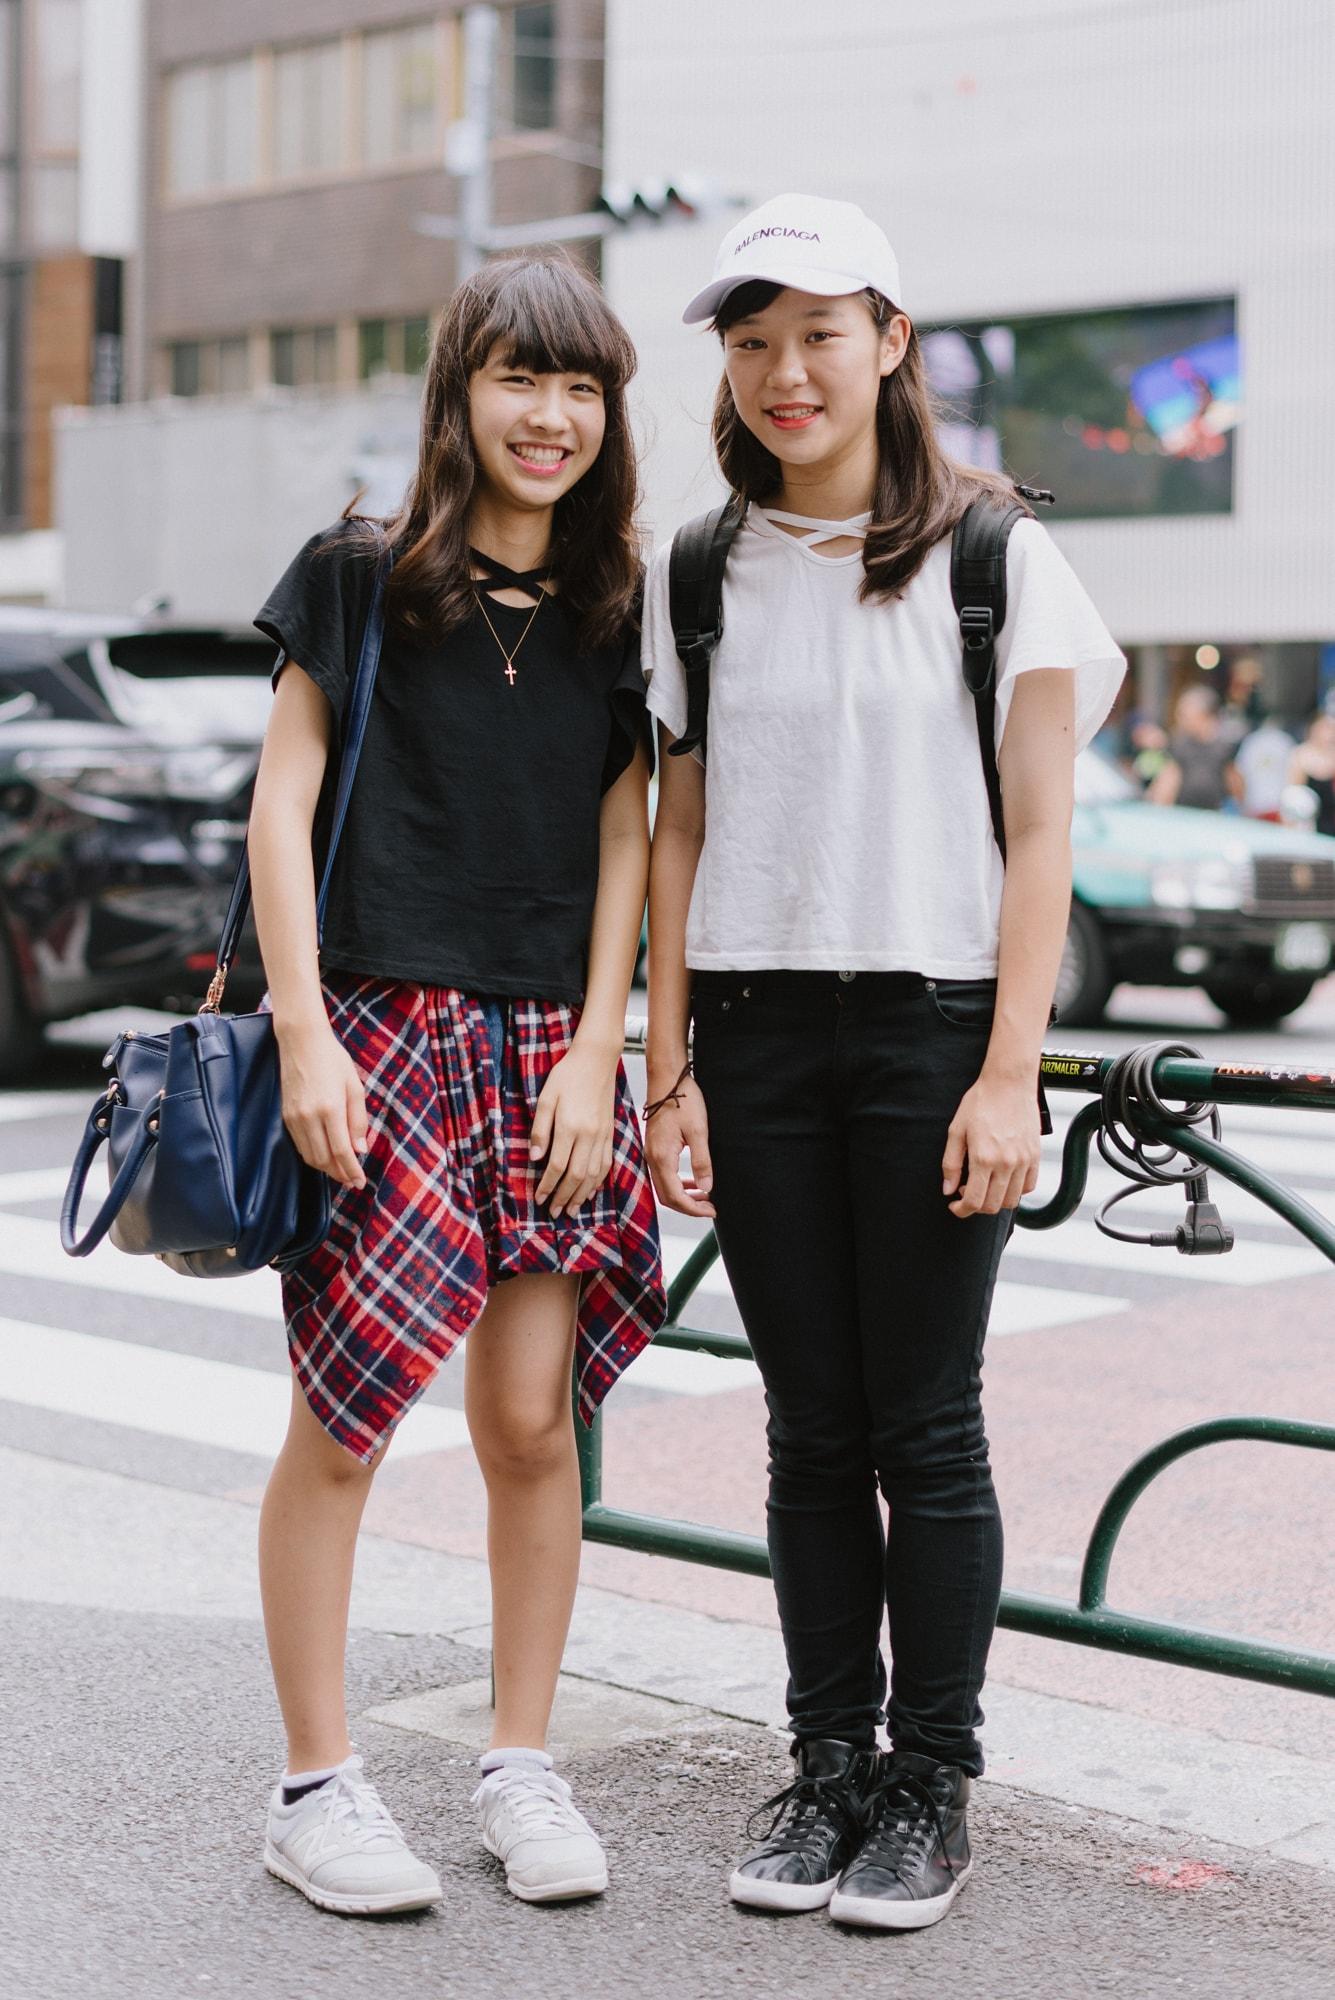 中学・高校生男子&女子の最新トレンドファッションをチェック!原宿ストリートスナップ特集!